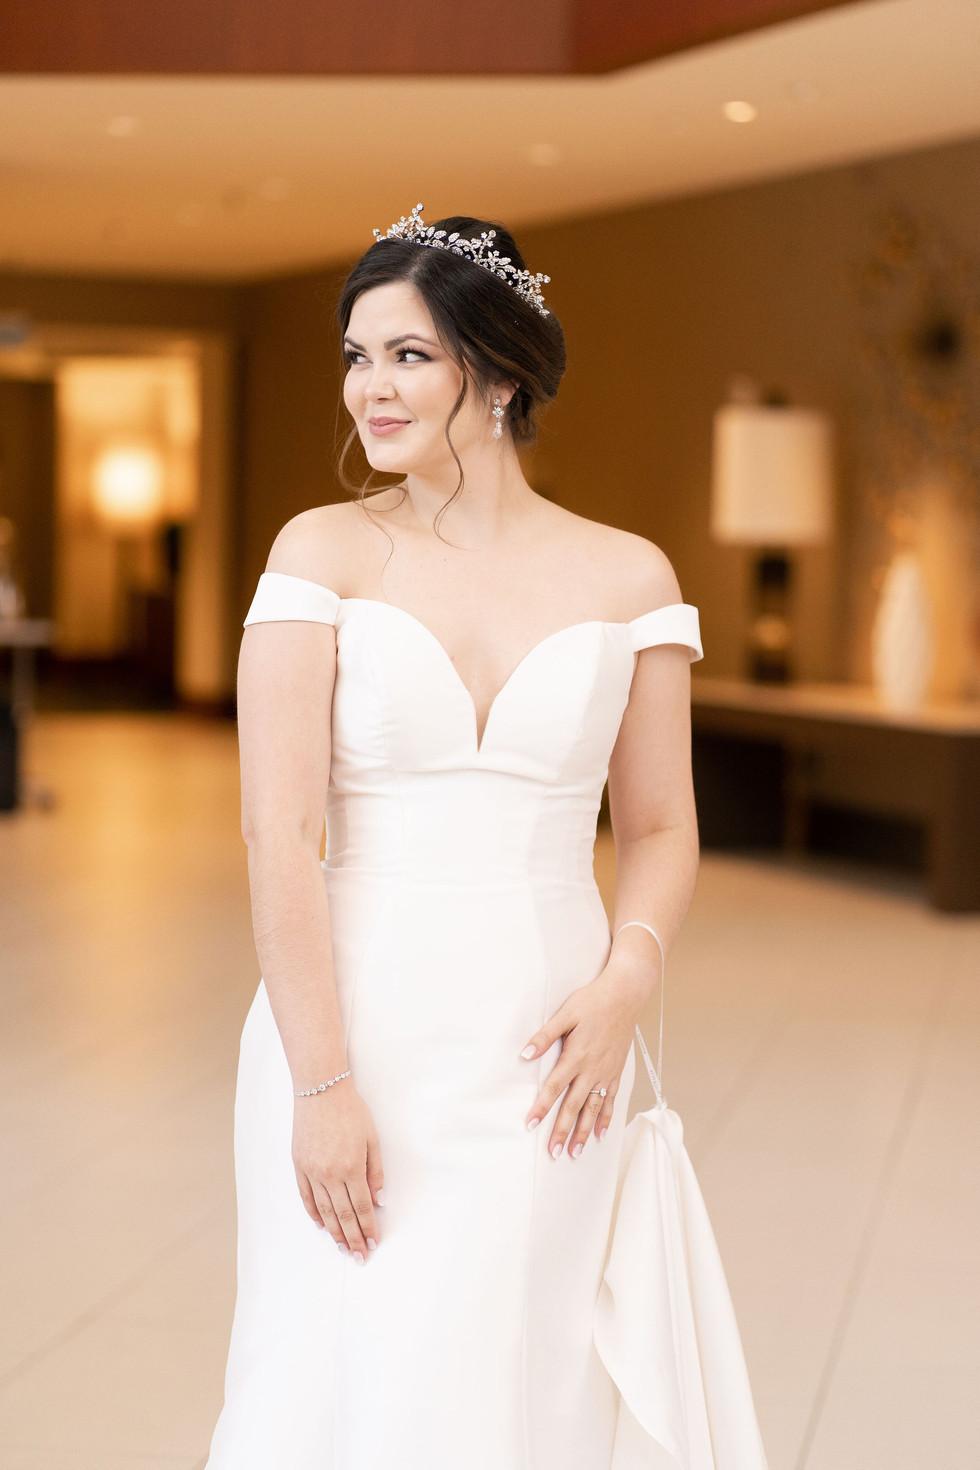 weddingmarielisandcarlosMarielisGettingReady_-216